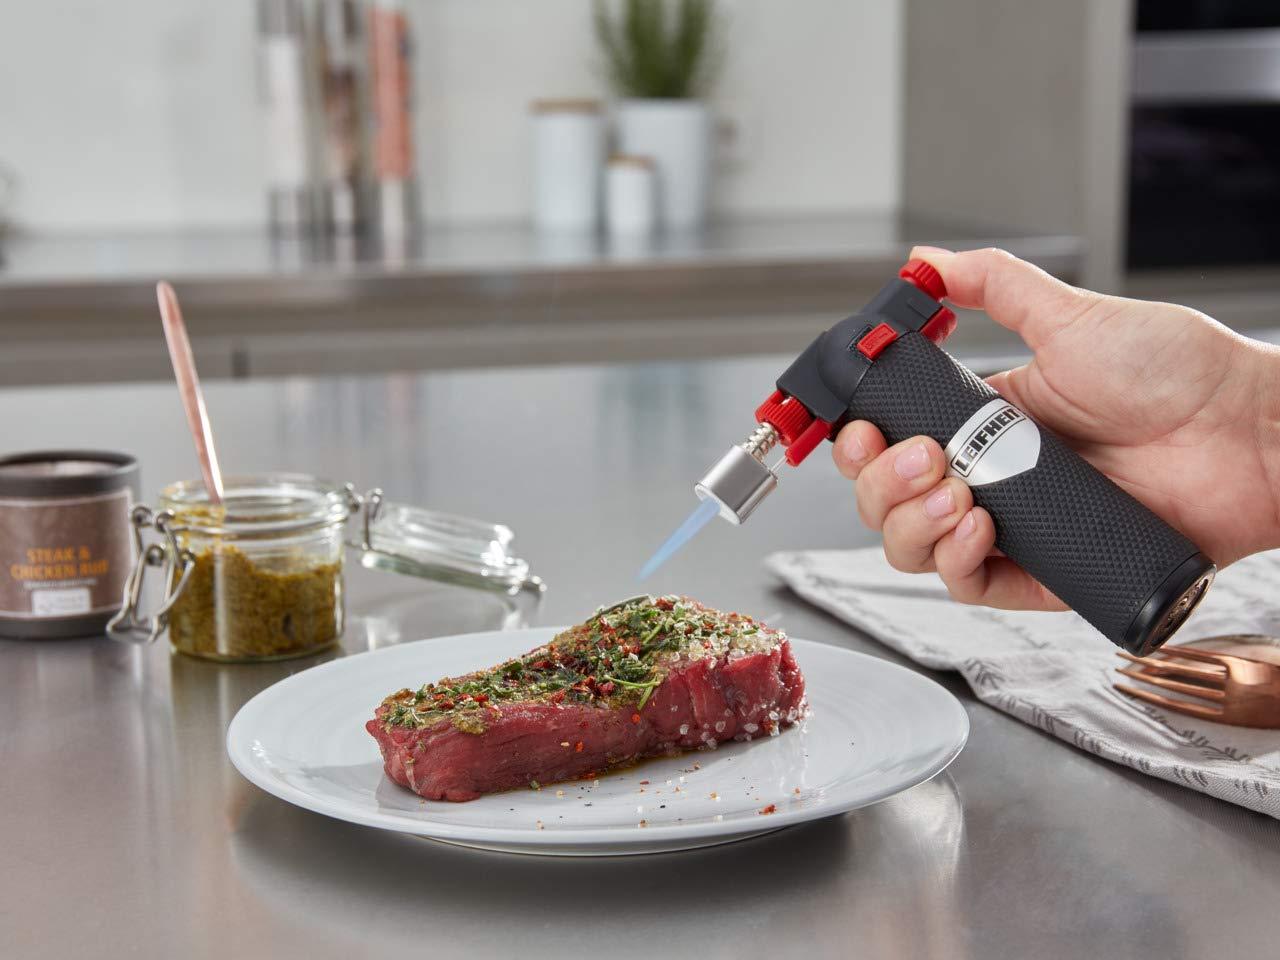 Leifheit 3084 Proline Kitchen Torch by KitchenMarket (Image #3)